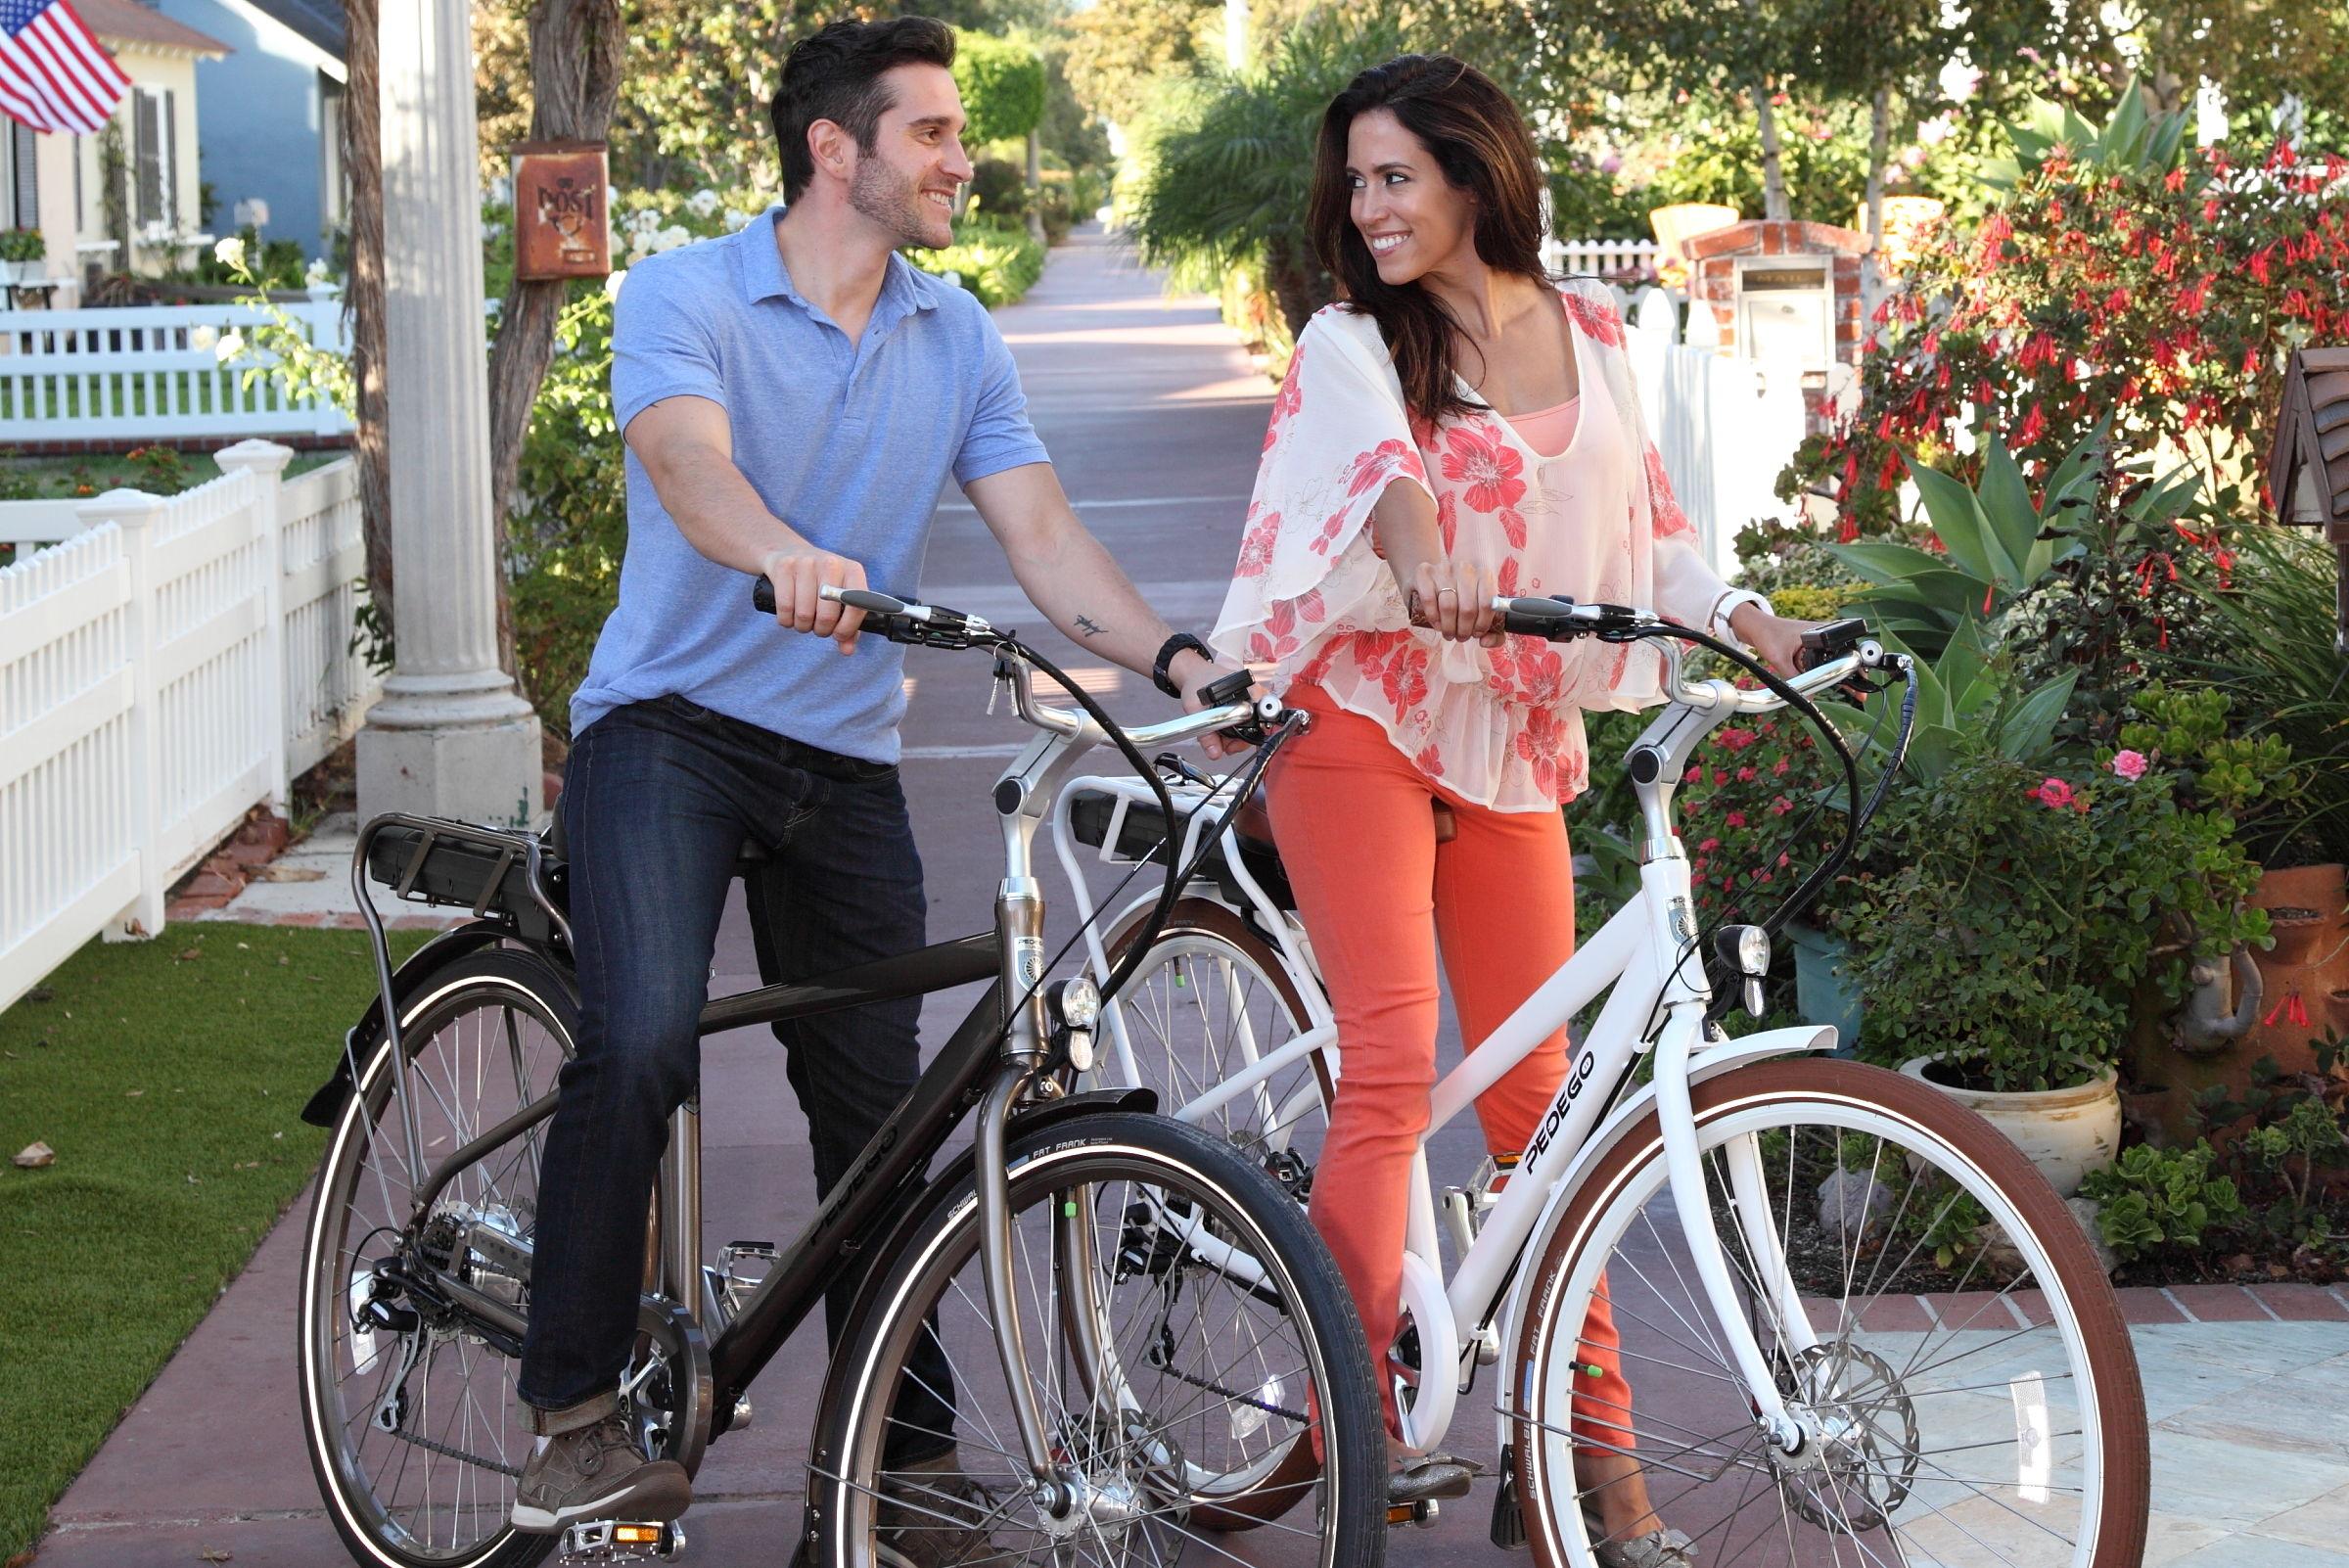 Pedego electric bikes rkaudl